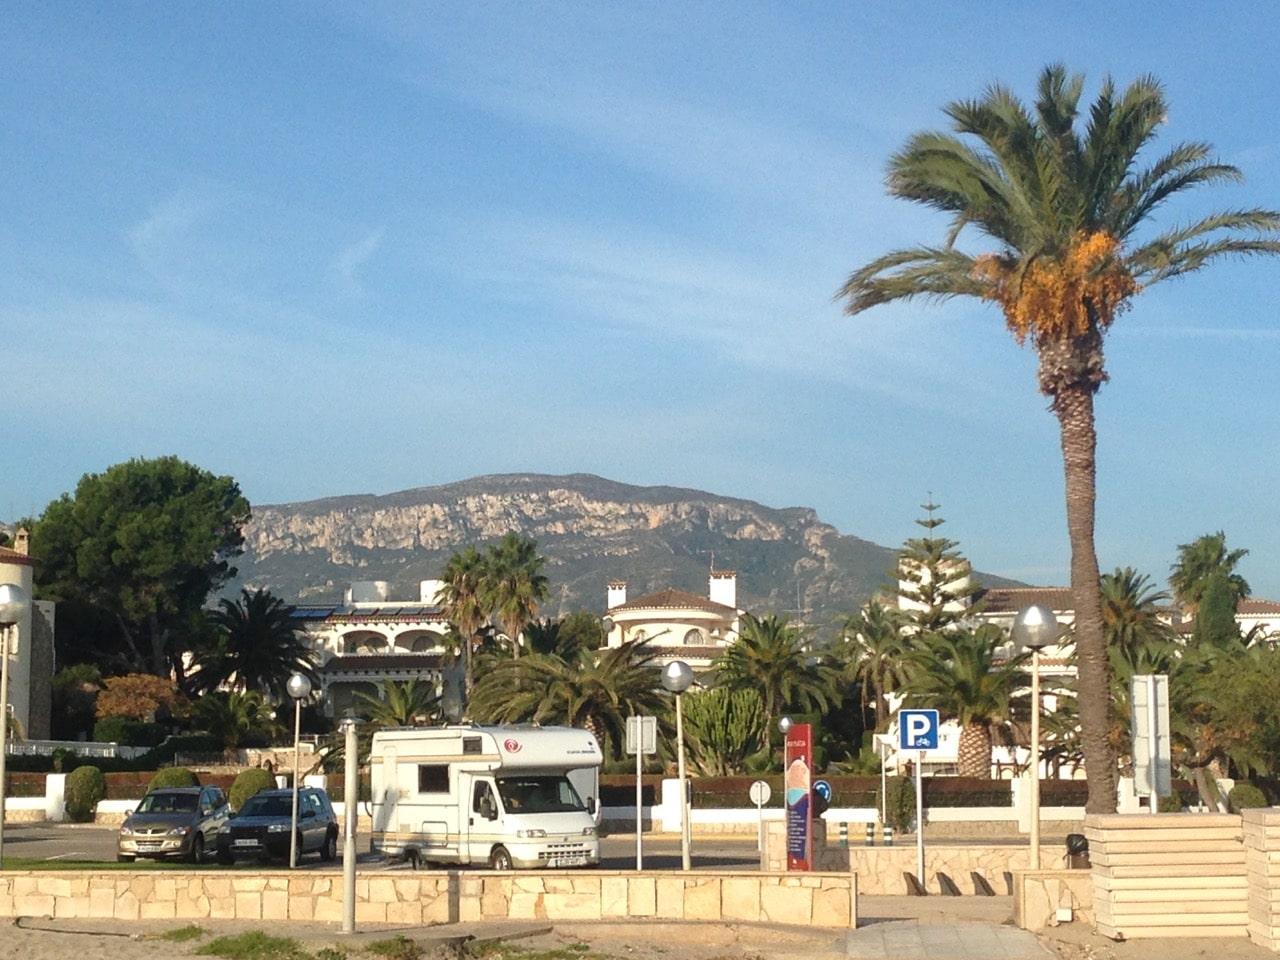 Ein Wohnmobil auf einem Parkplatz im Hintergrund Villen und die Berge